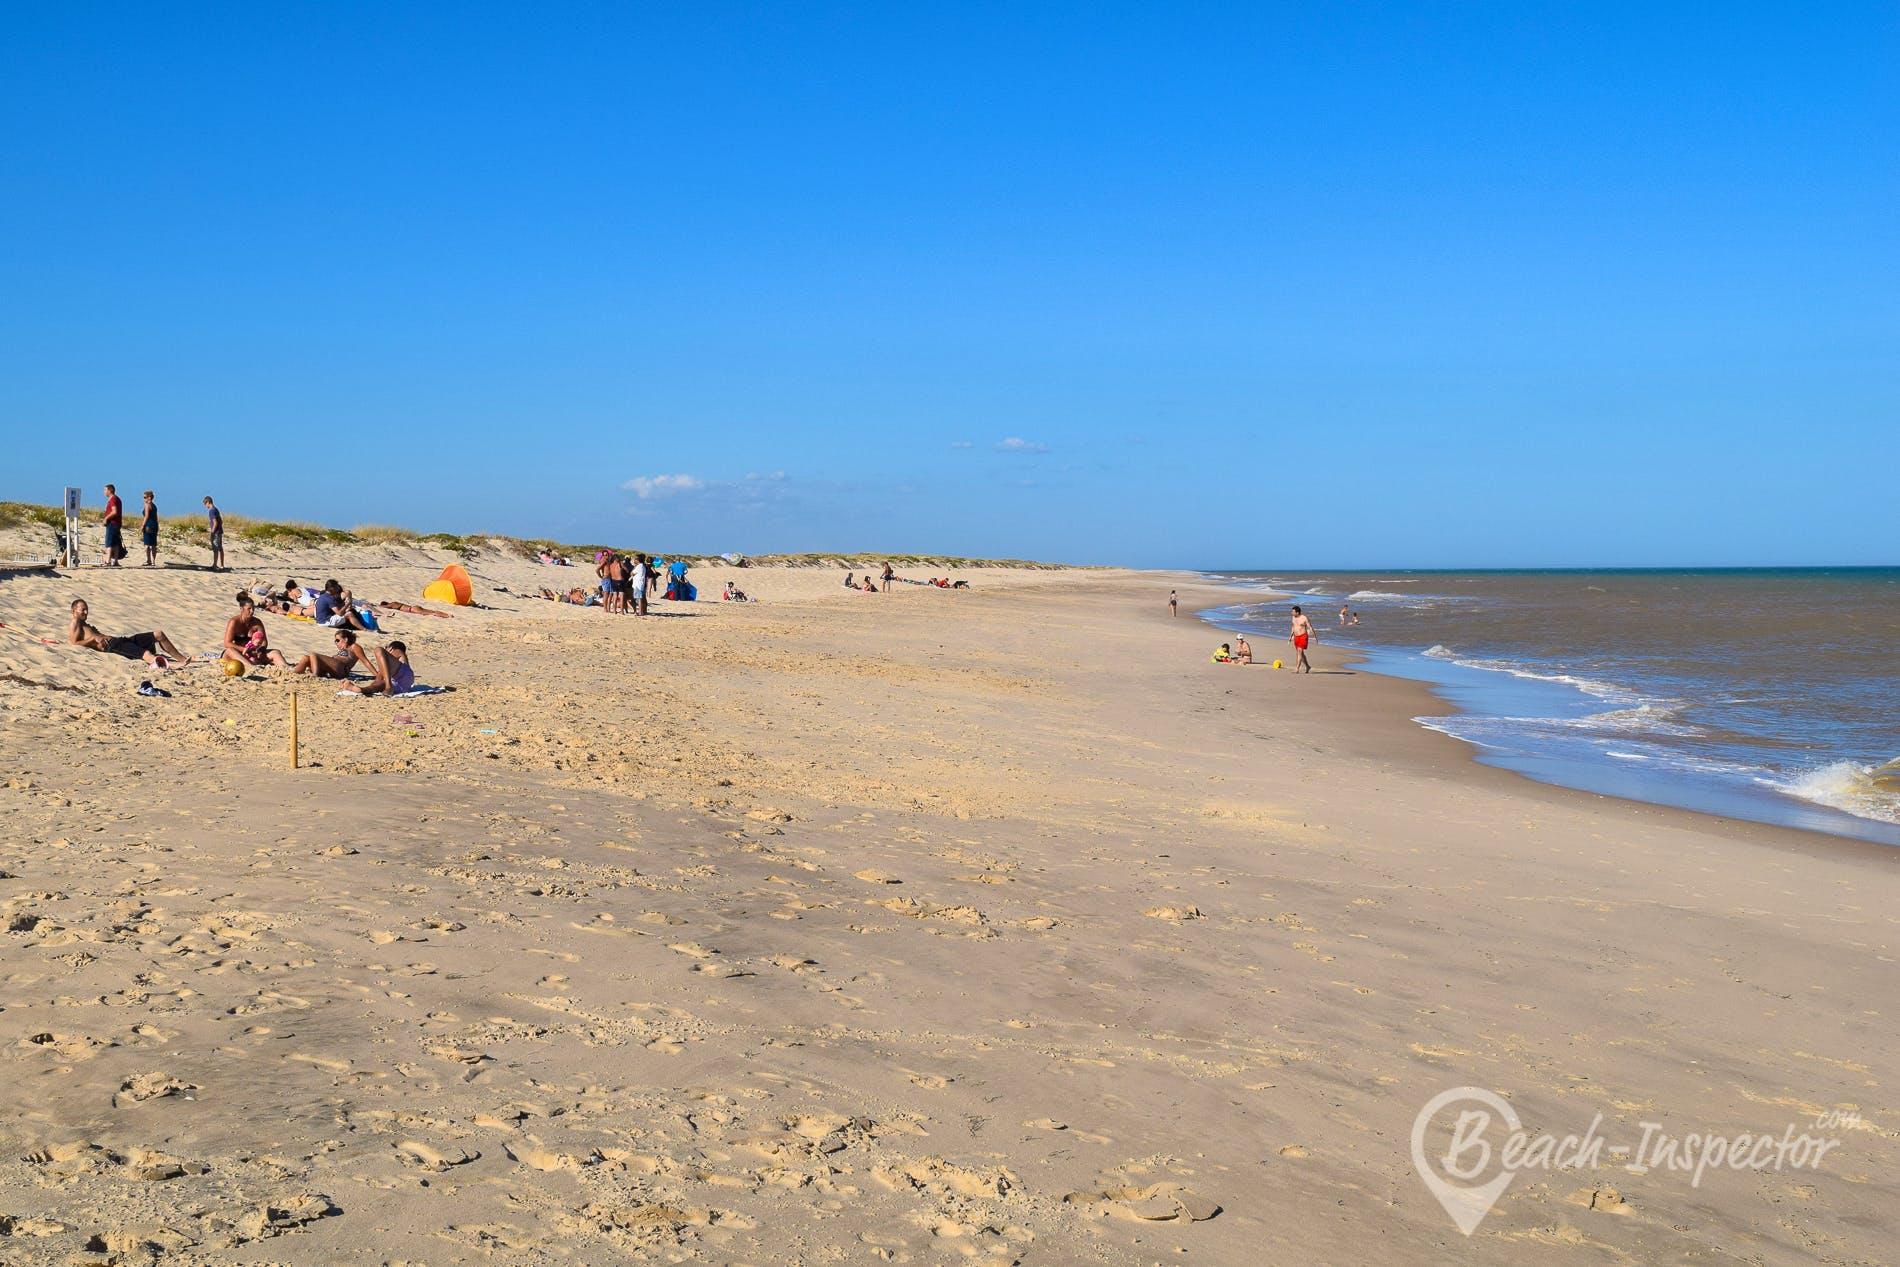 Playa Praia dos Hangares, Algarve, Portugal